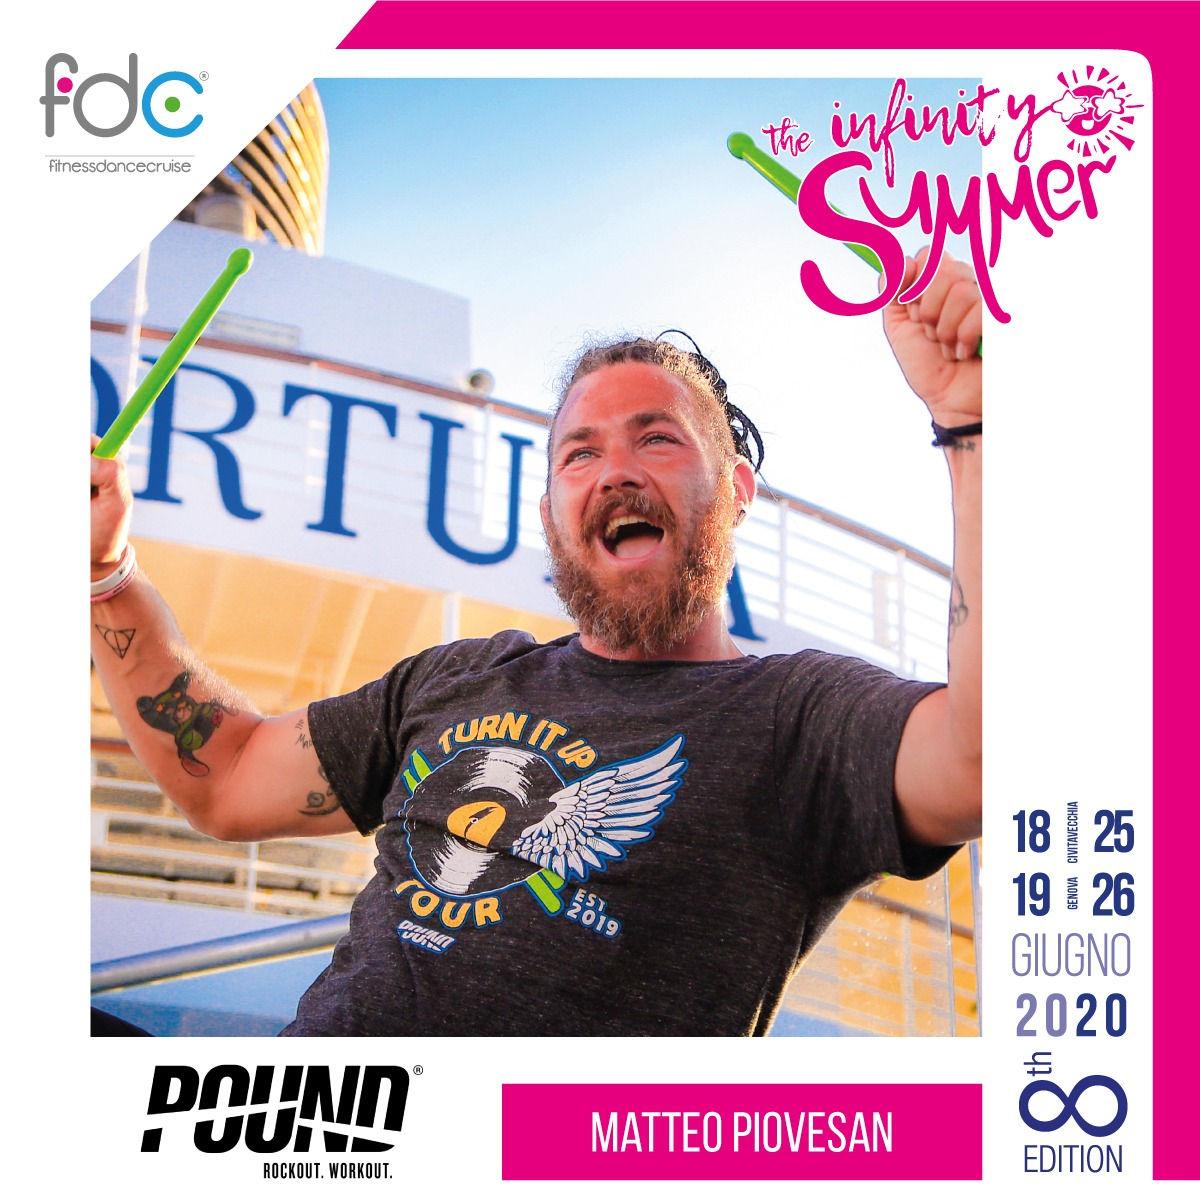 Pound FDC Presenter Matteo Piovesan